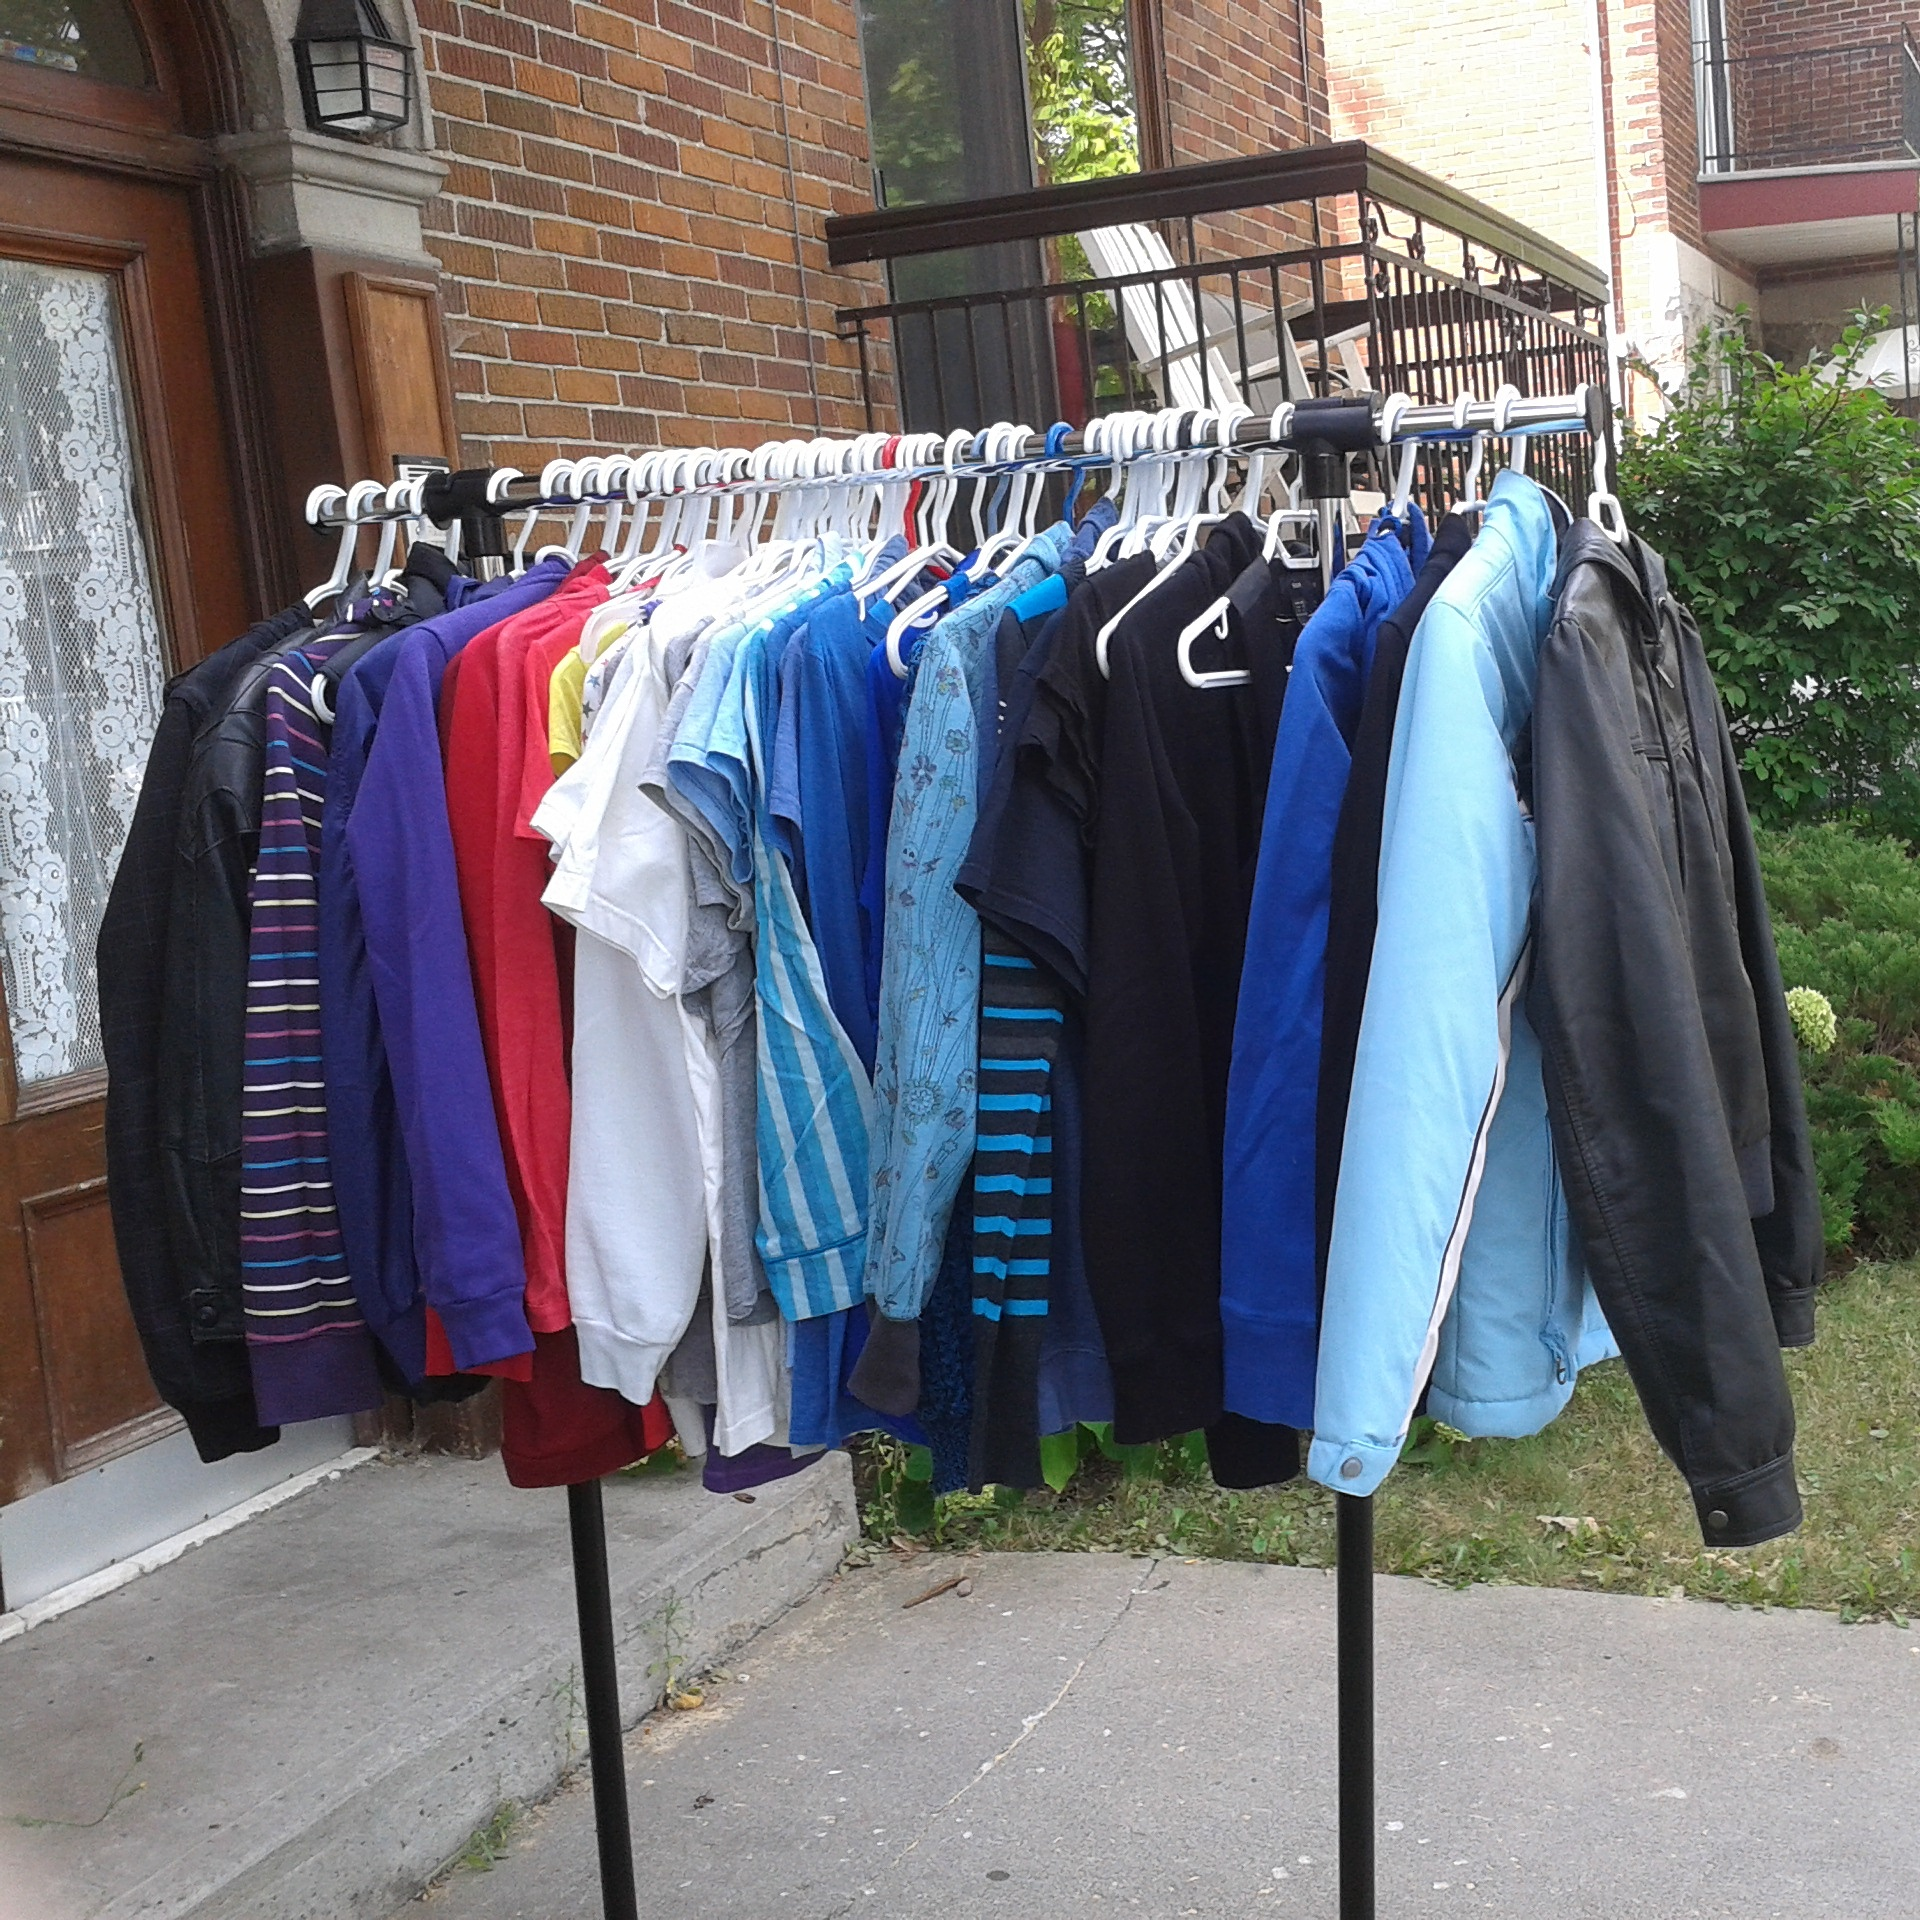 Et un peu plus de la moitié de tous ces vêtements!